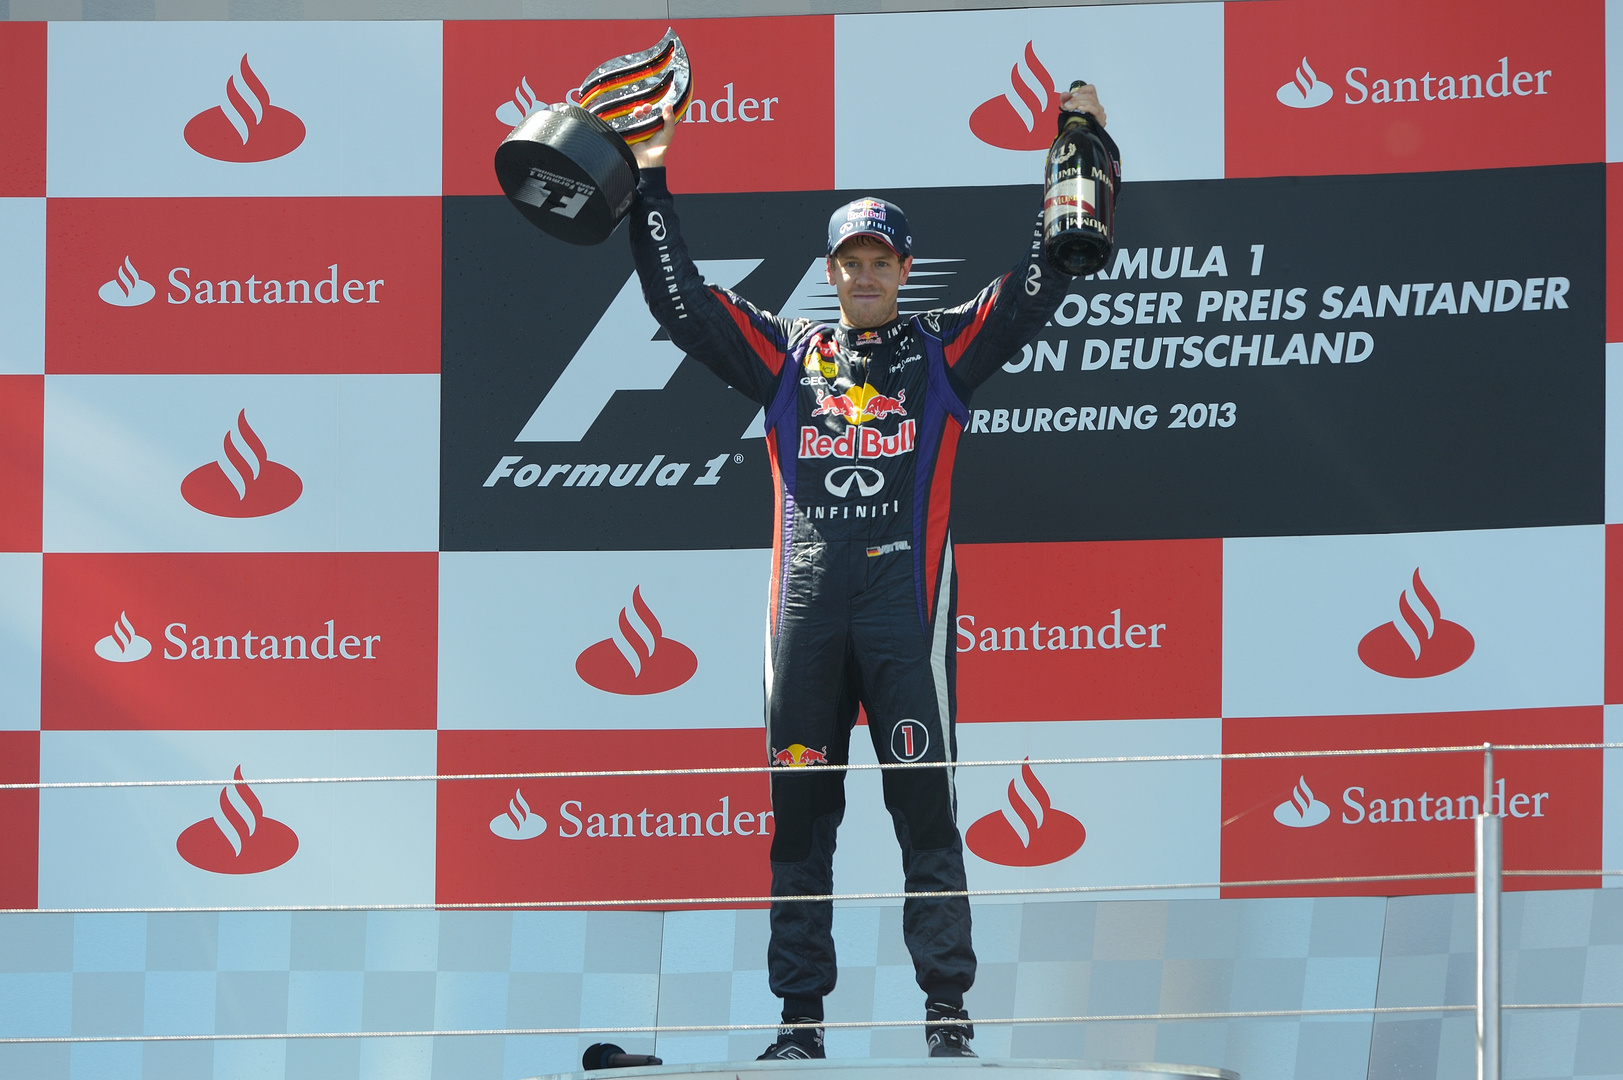 Formel1 Nürburgring Sieger 2013 Sebastian Vettel